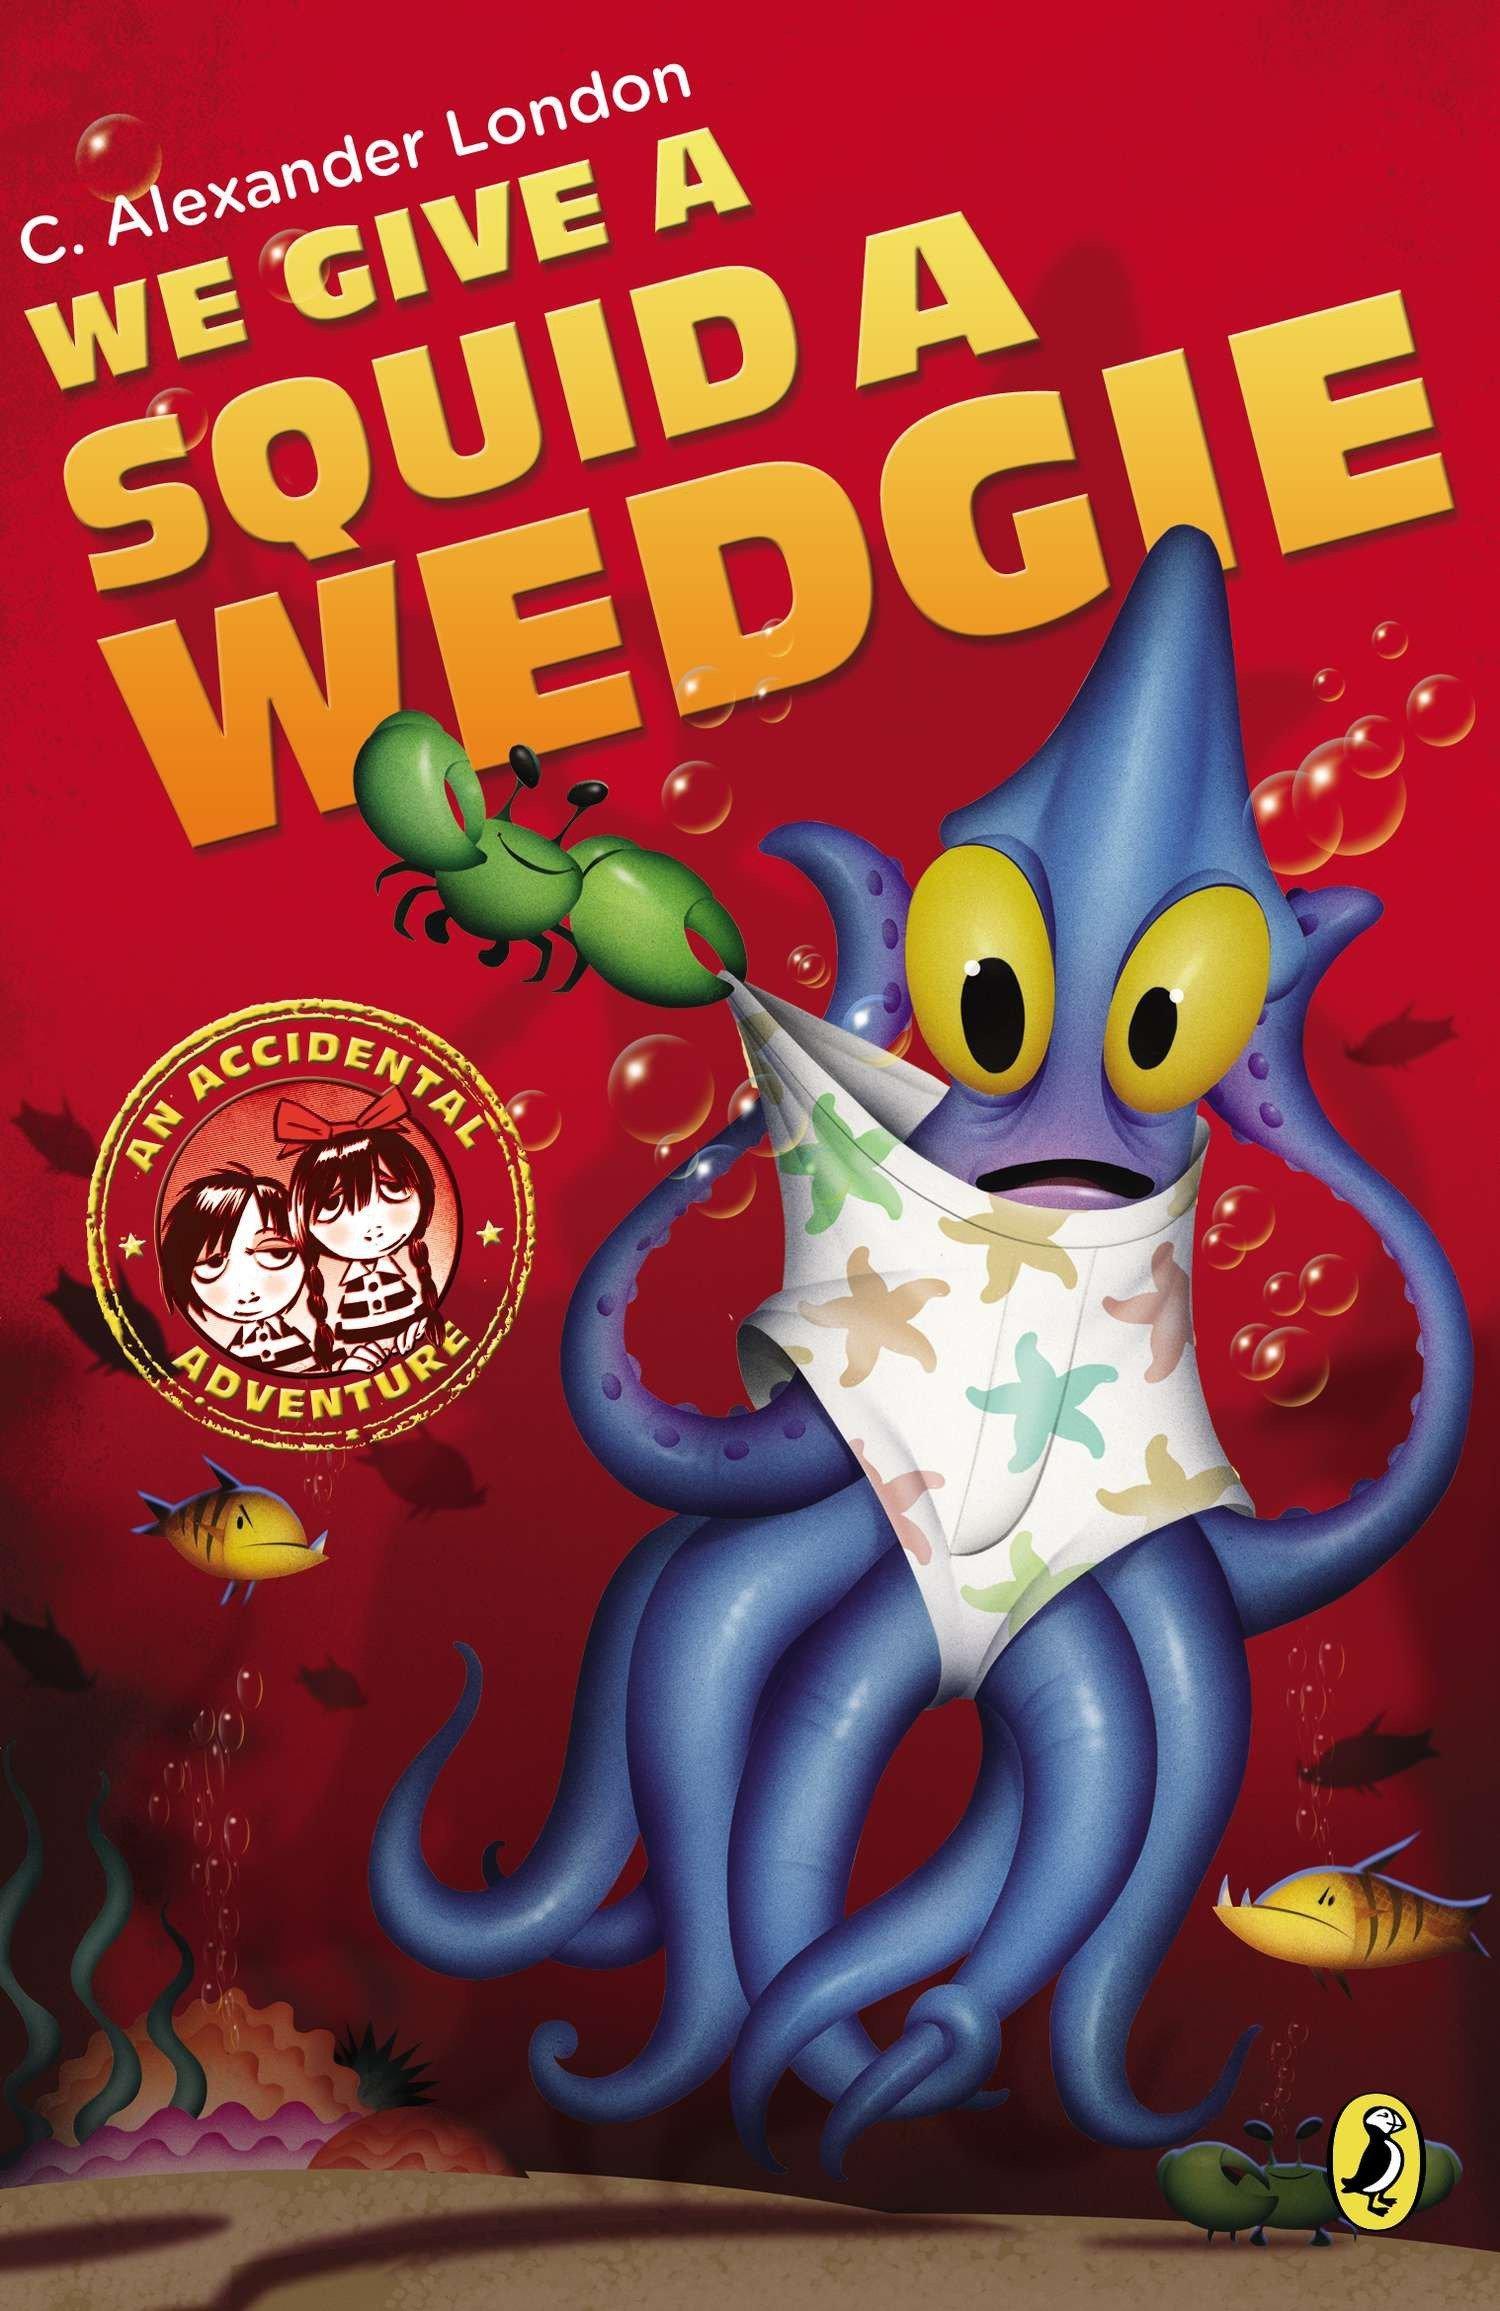 london-squid-wedgie.jpg